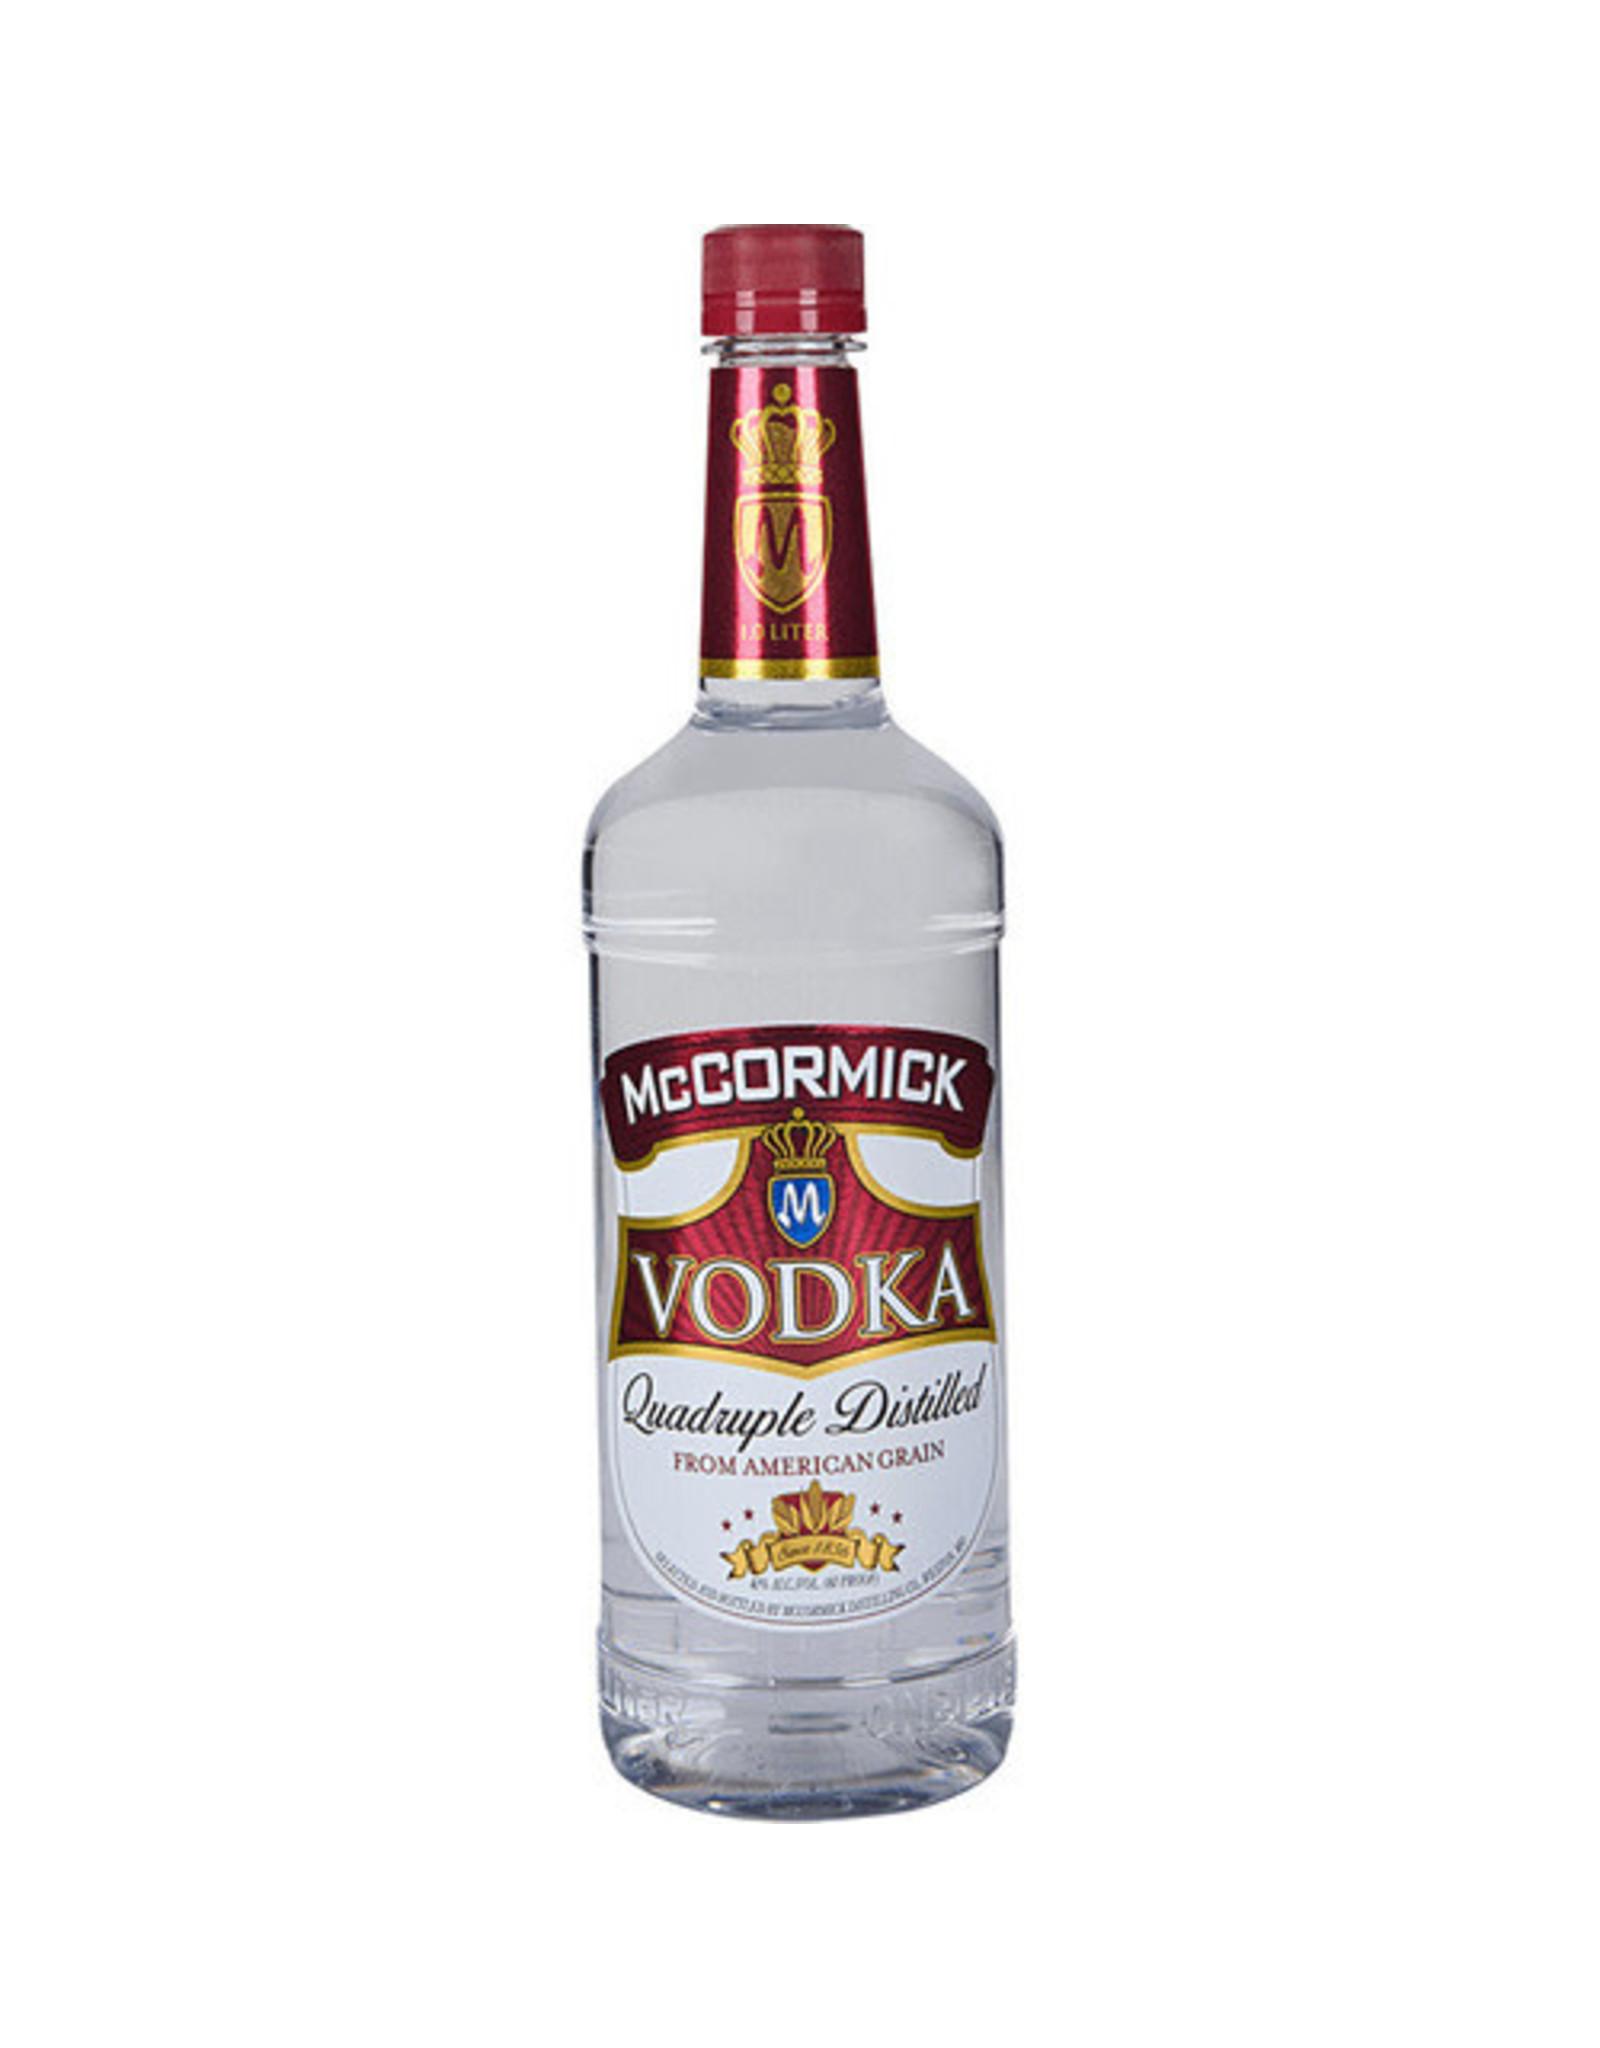 MCCORMICK VODKA 1L